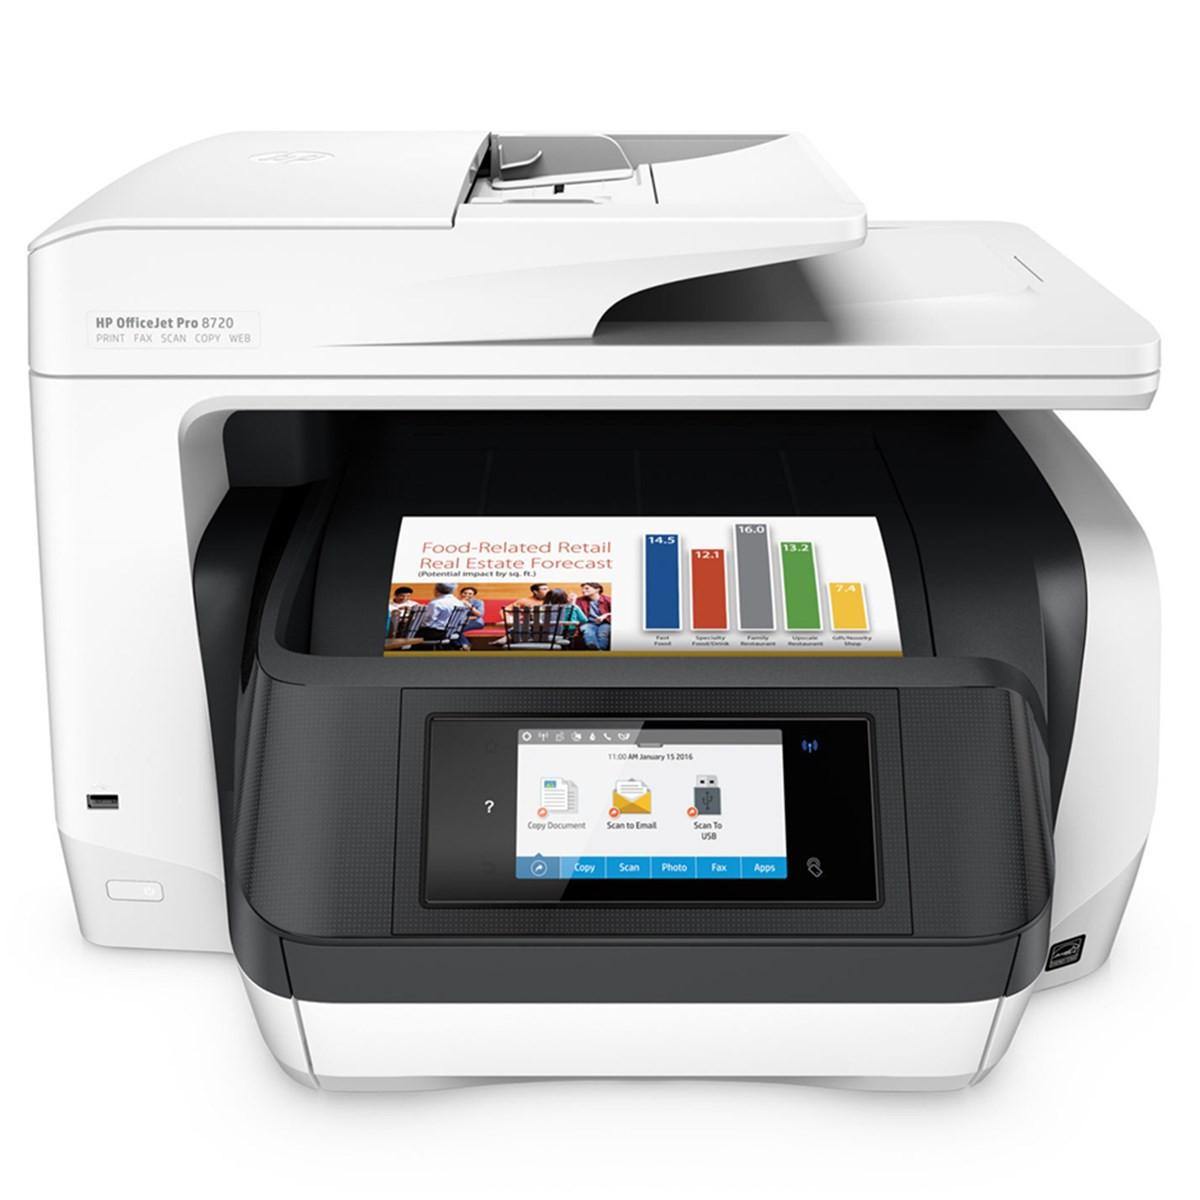 Impressora HP OfficeJet Pro 8720 D9L19A Multifuncional com Wireless